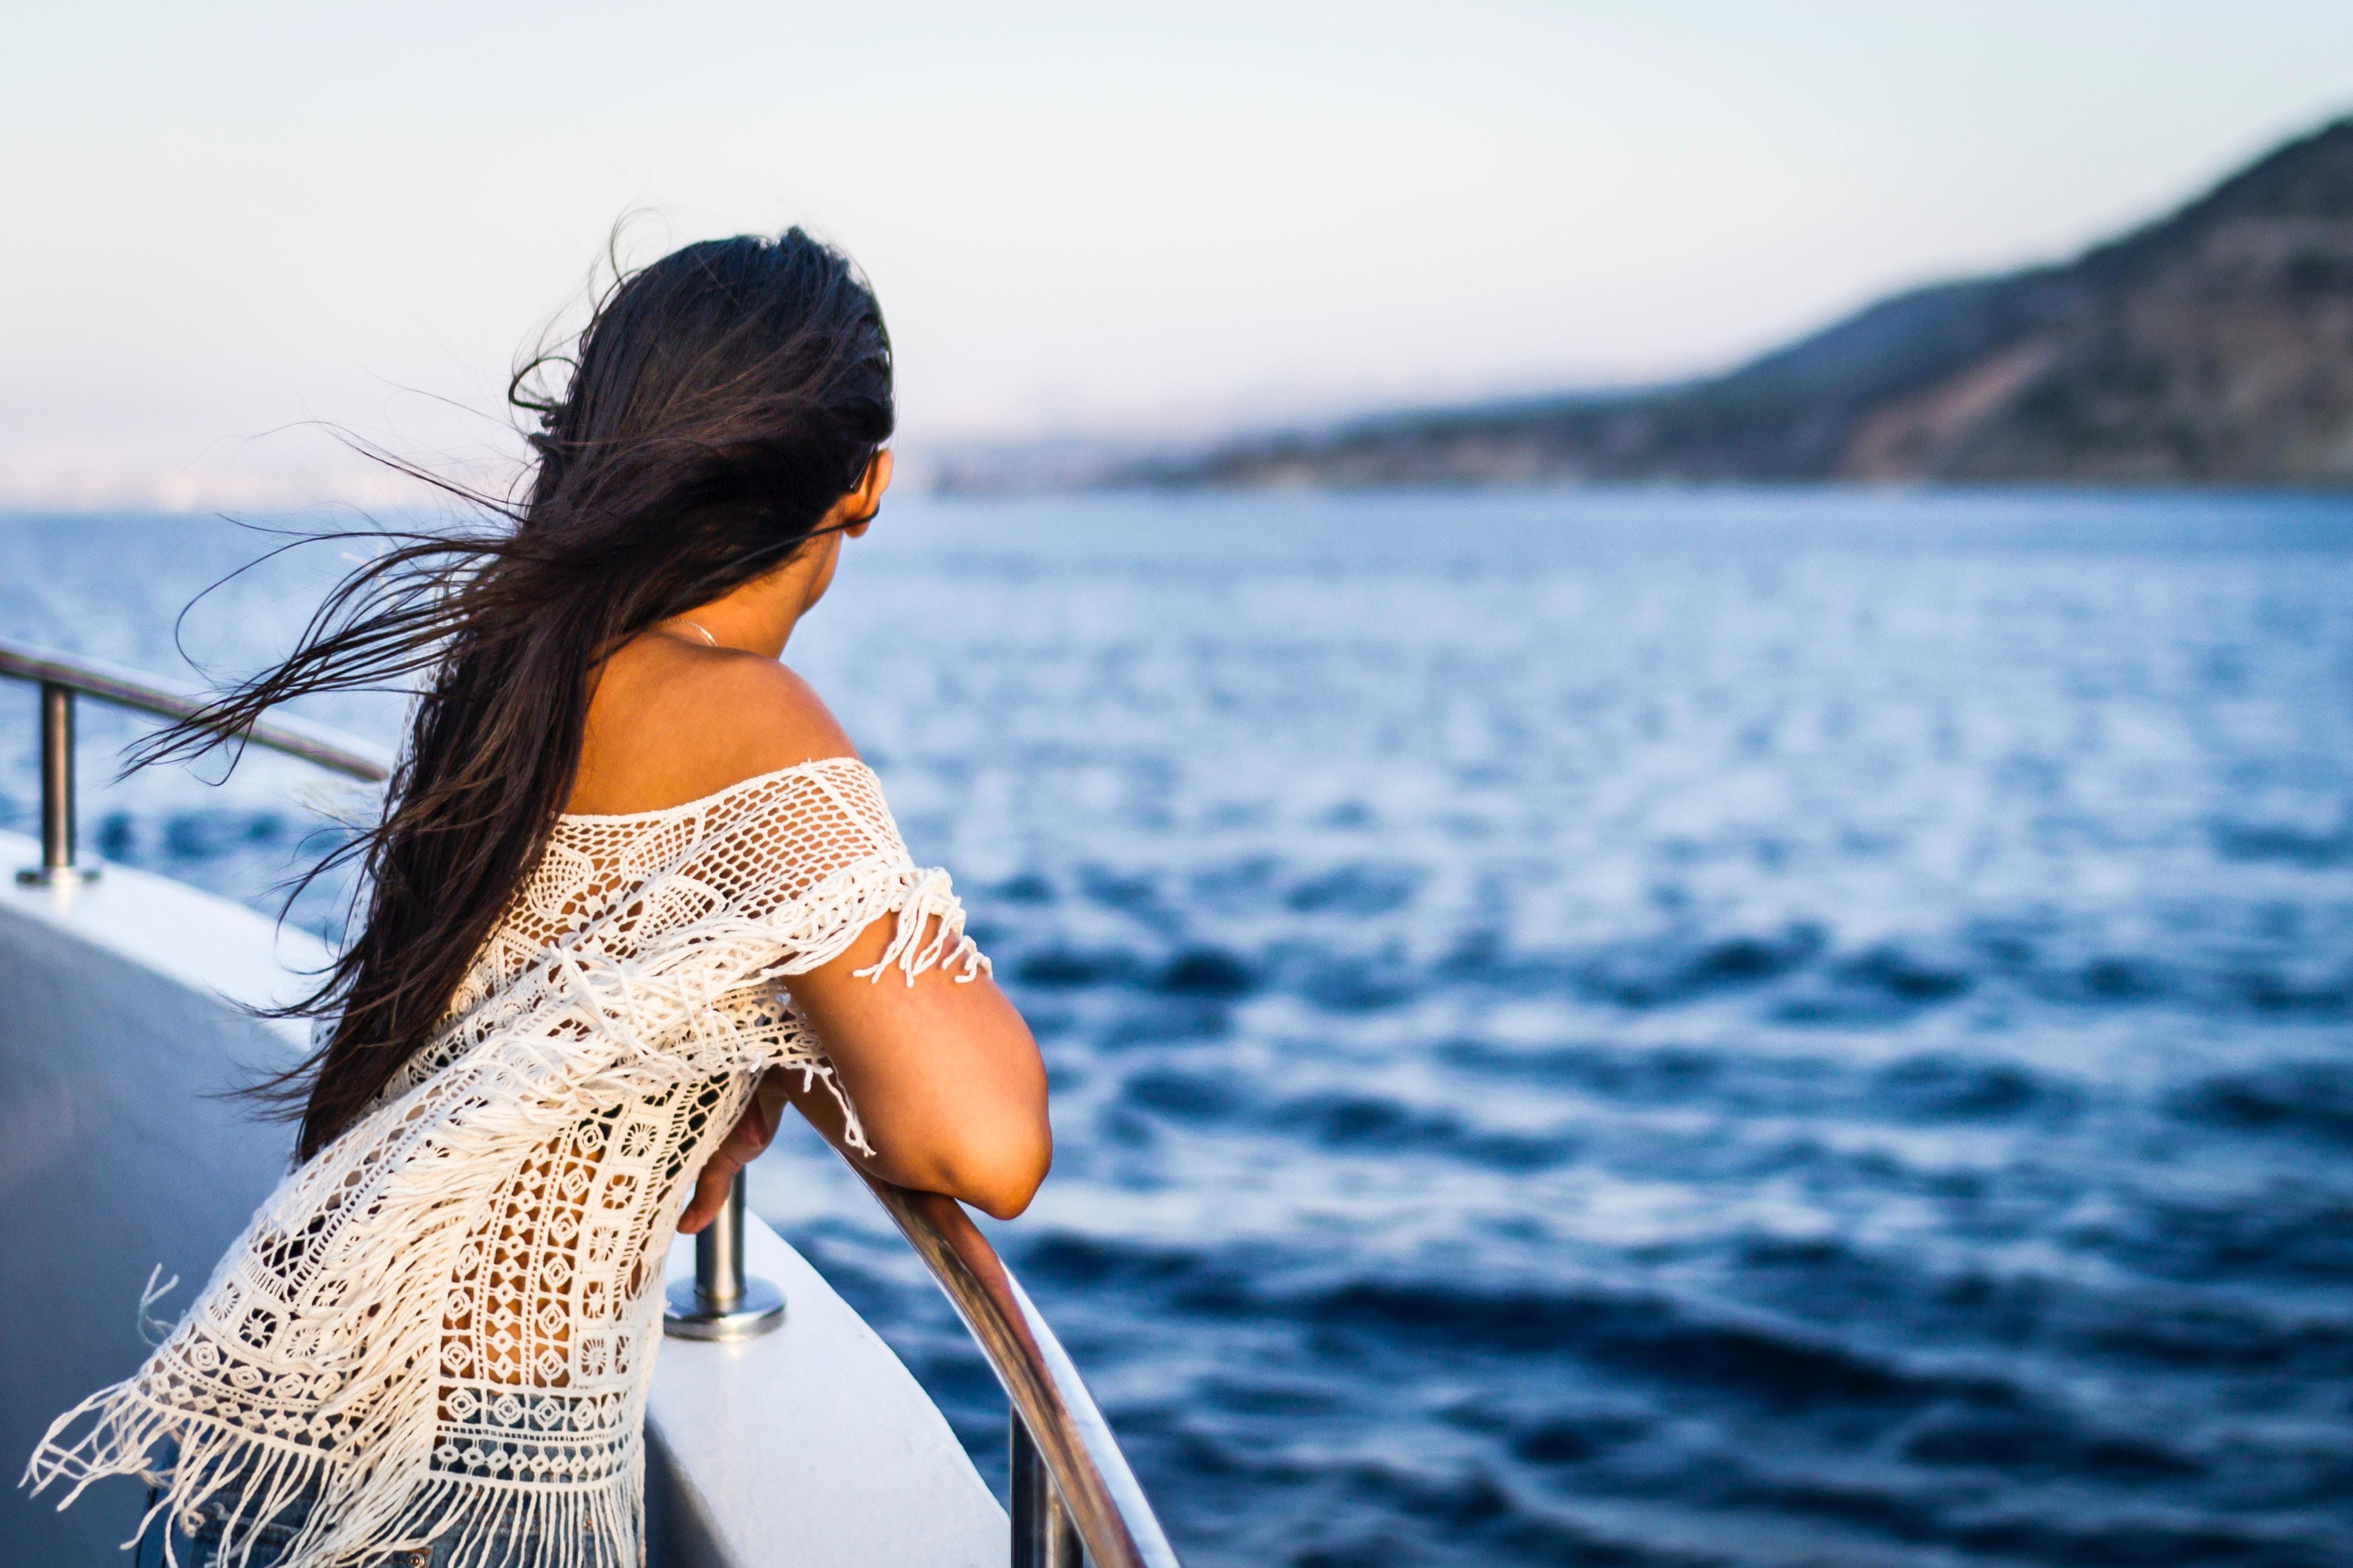 Come organizzare una vacanza in barca (con e senza patente nautica)